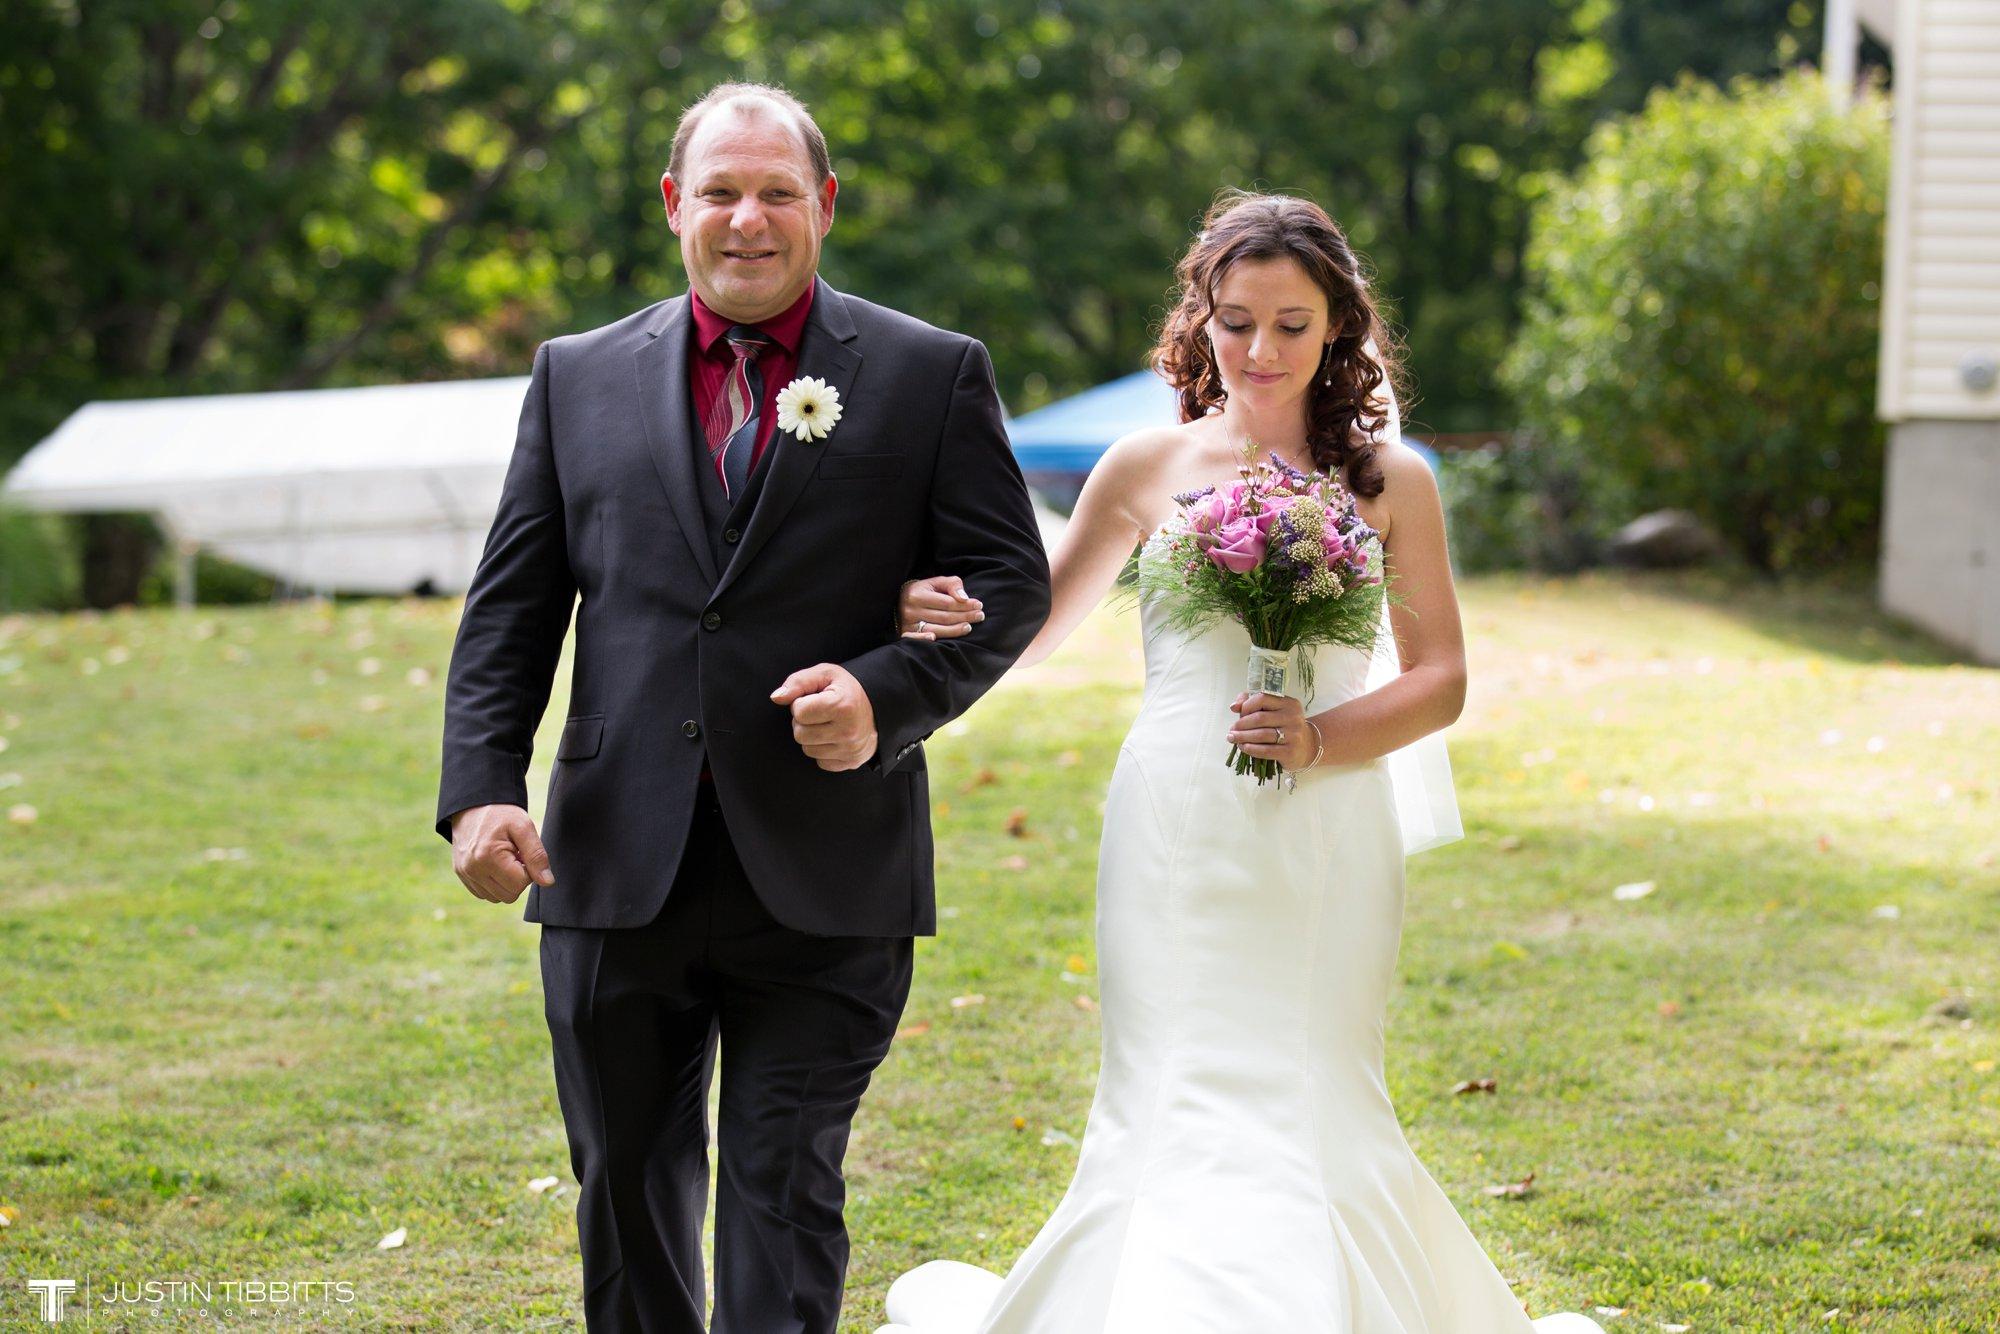 Justin Tibbitts Photography Rob and Brittany's Averill Park, NY Wedding_0373